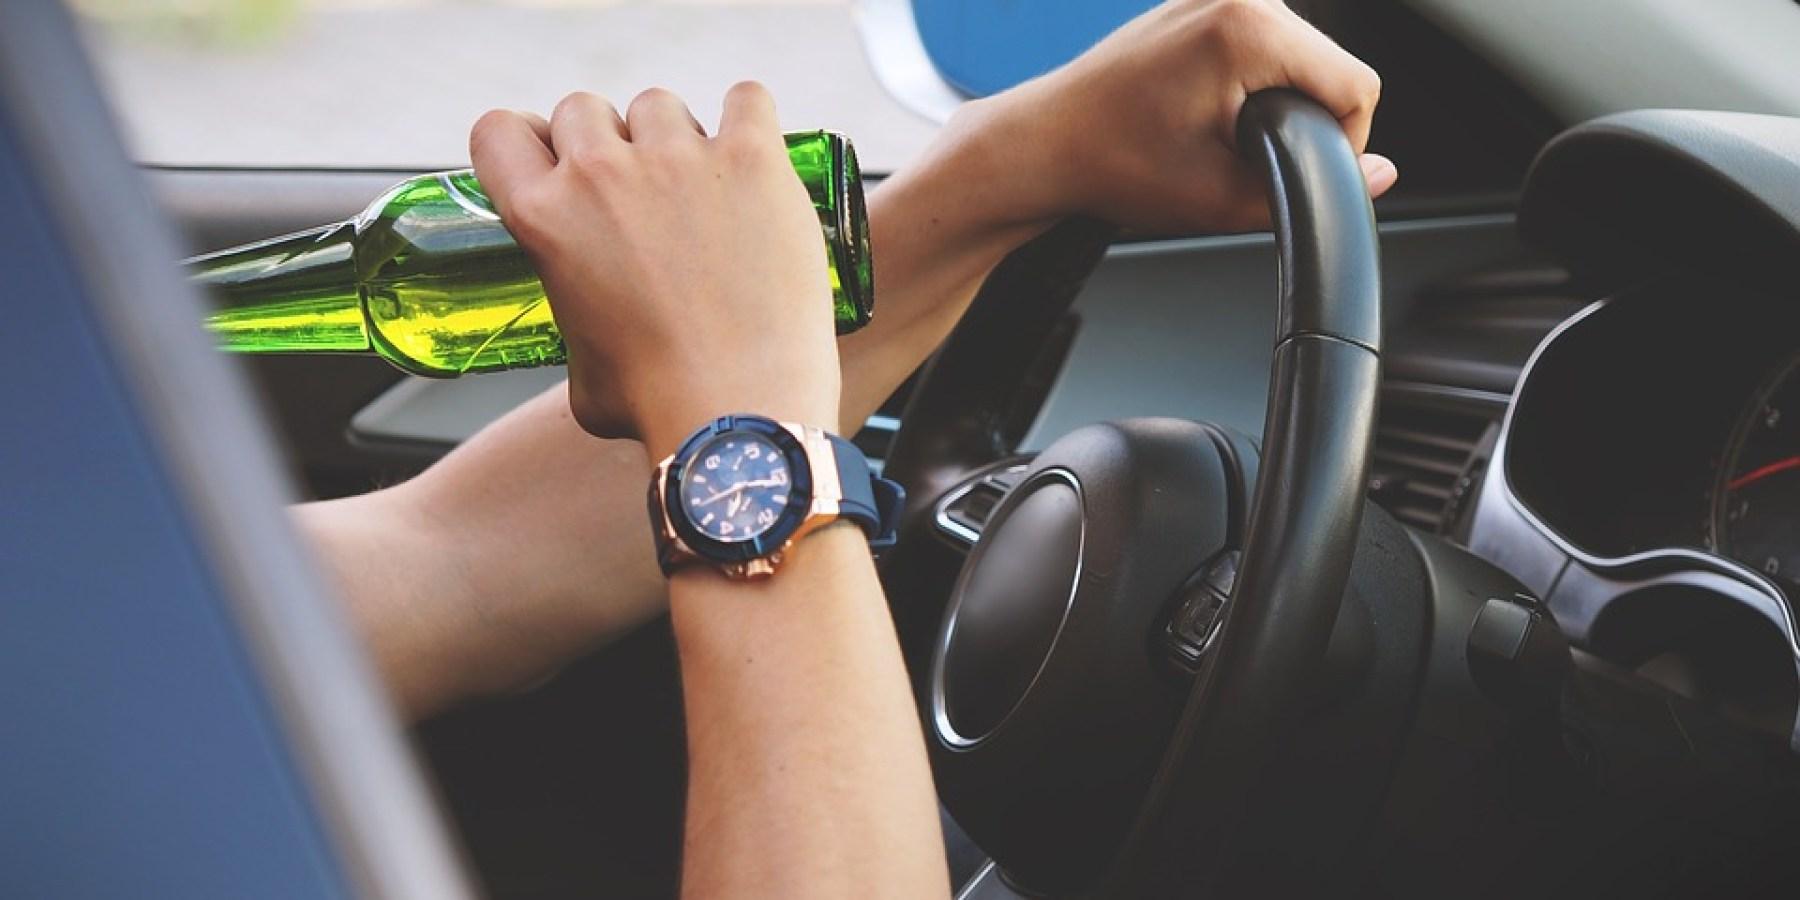 Falschfahrer unterwegs – Fahrer pustet 1,58 Promille